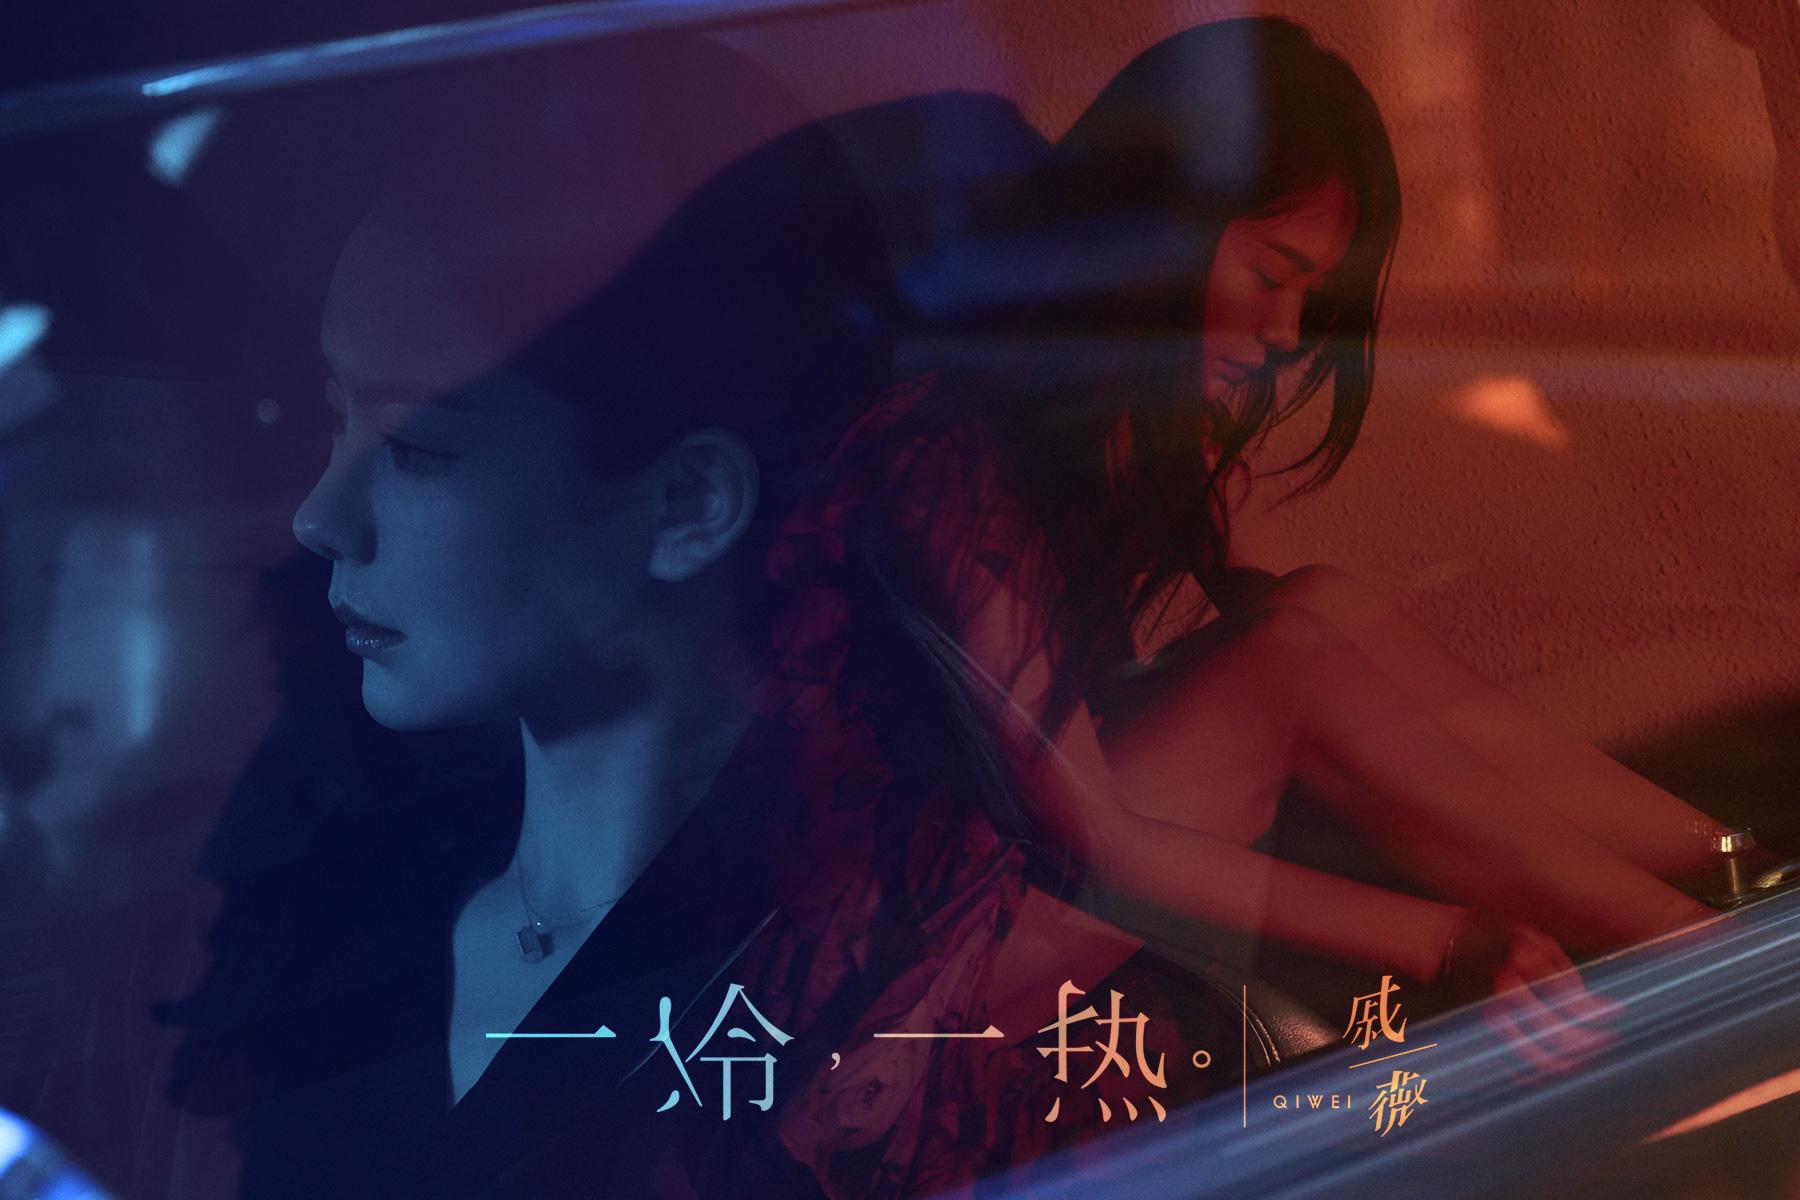 戚薇《一冷一热》MV封面.jpg